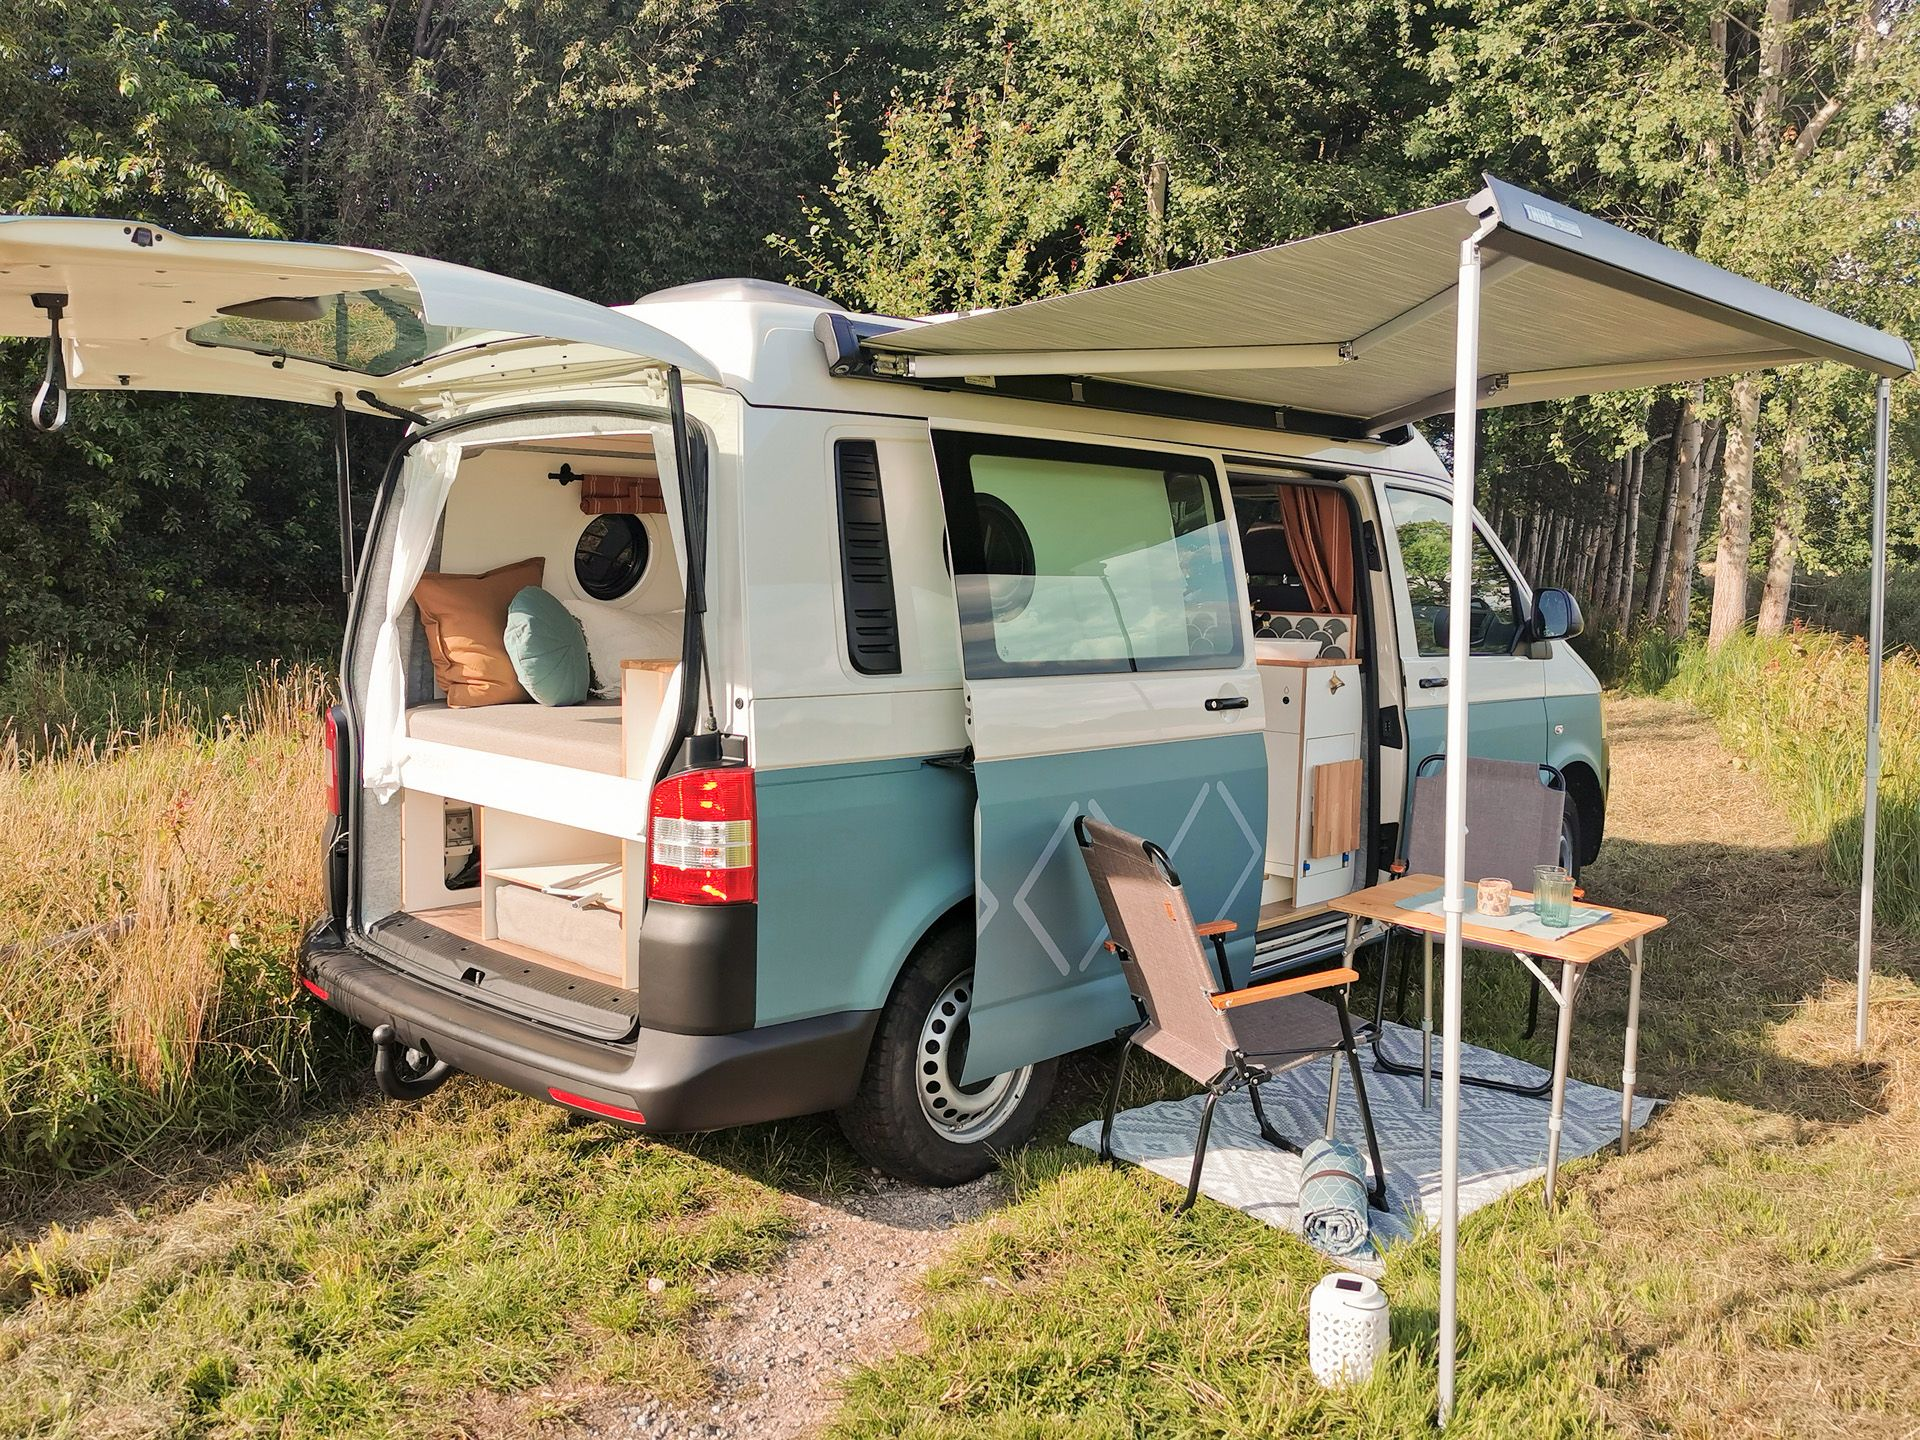 Nordvind_Camper_LEE_Camper_Vermietung_Ausbau_Hamburg_Bulli_VW_T5_individuell_Van_Manufaktur_08